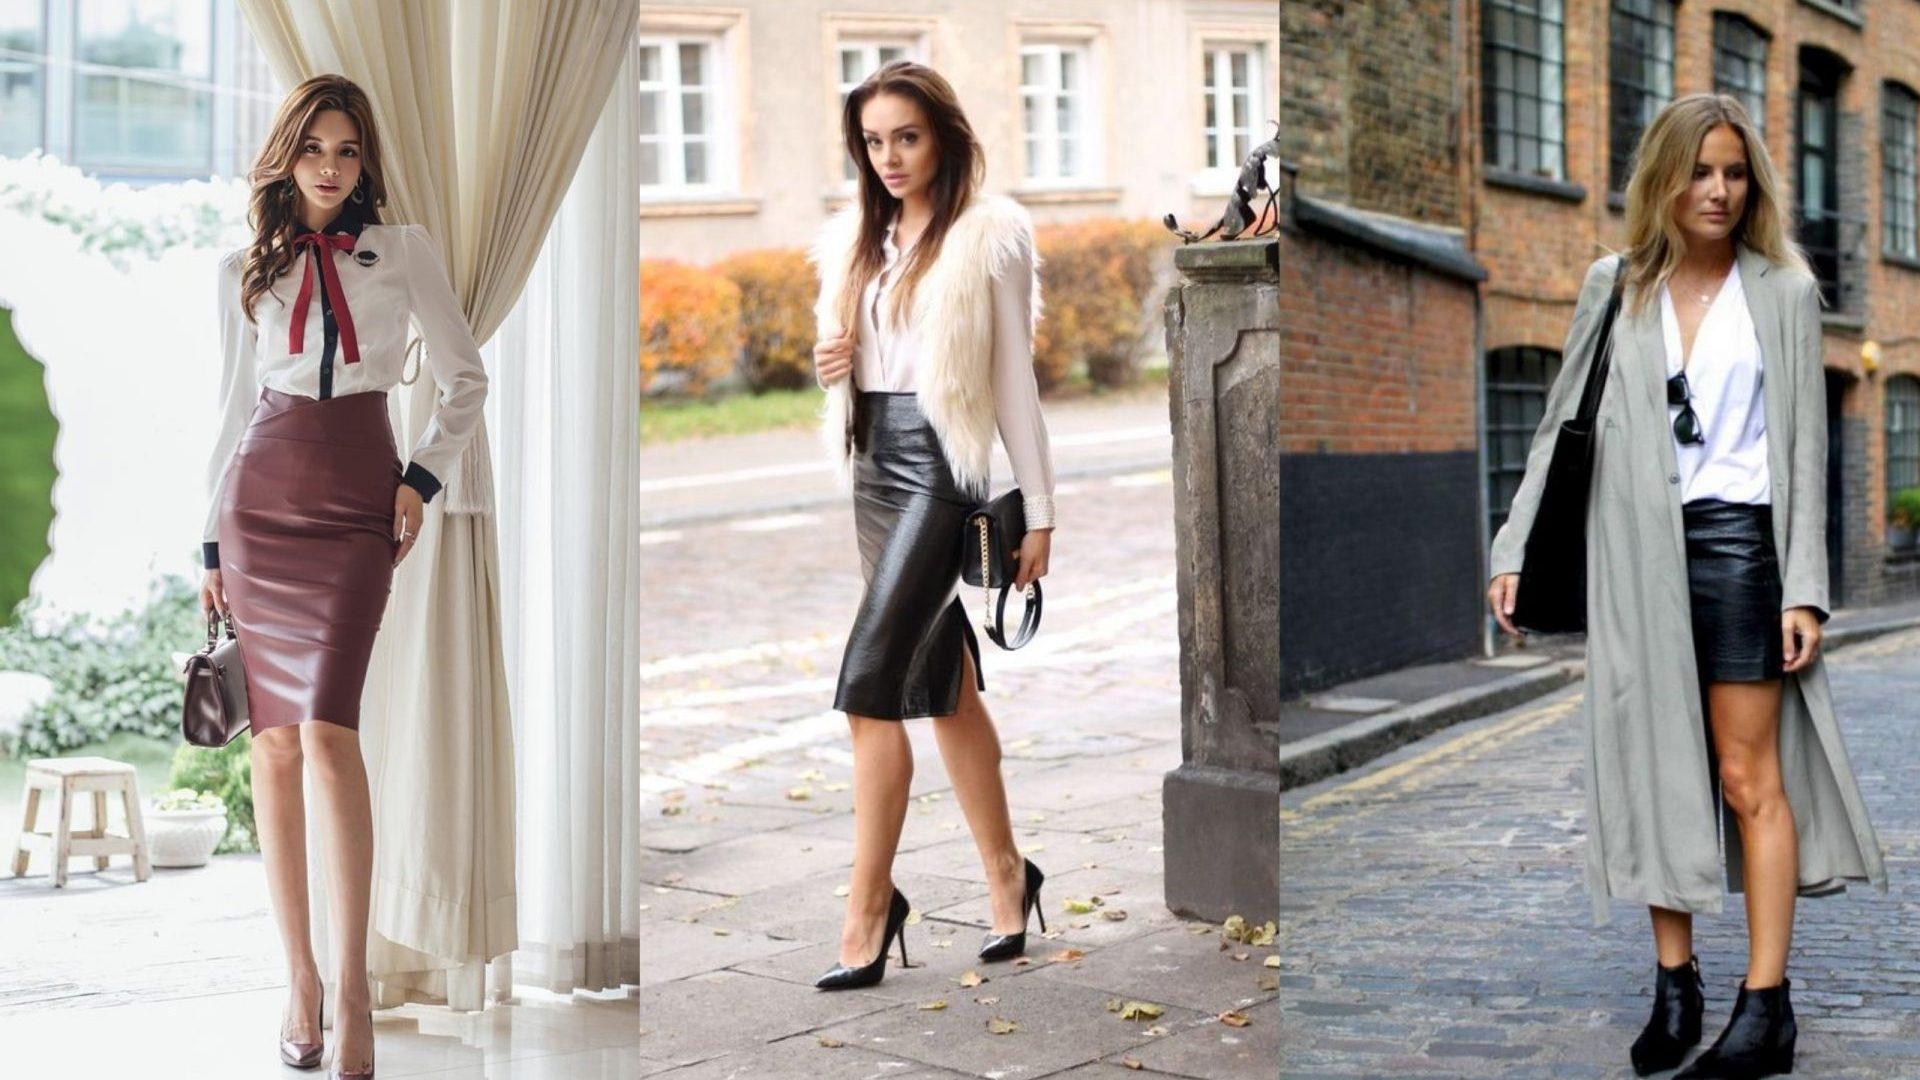 50ef37d83 С чем носить кожаную юбку: модные образы на каждый день - LeMonade